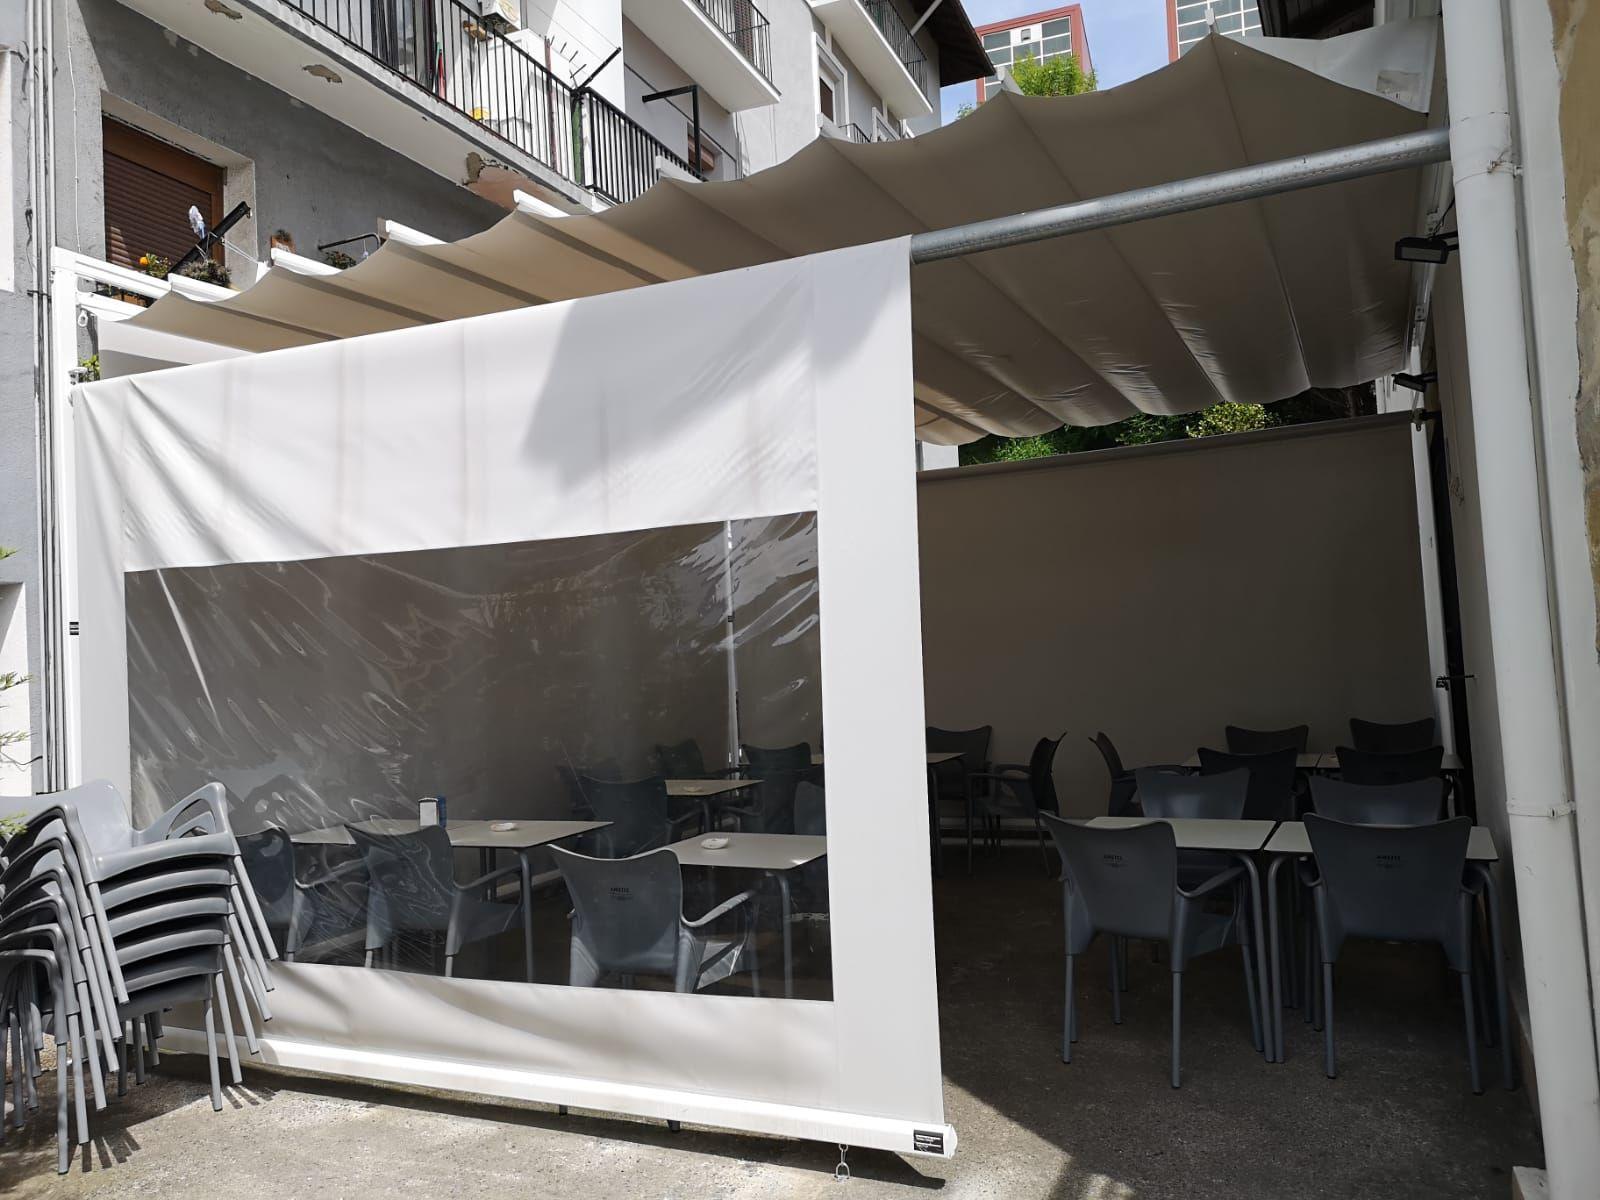 Restaurante, especialidad en miniparrilladas de marisco